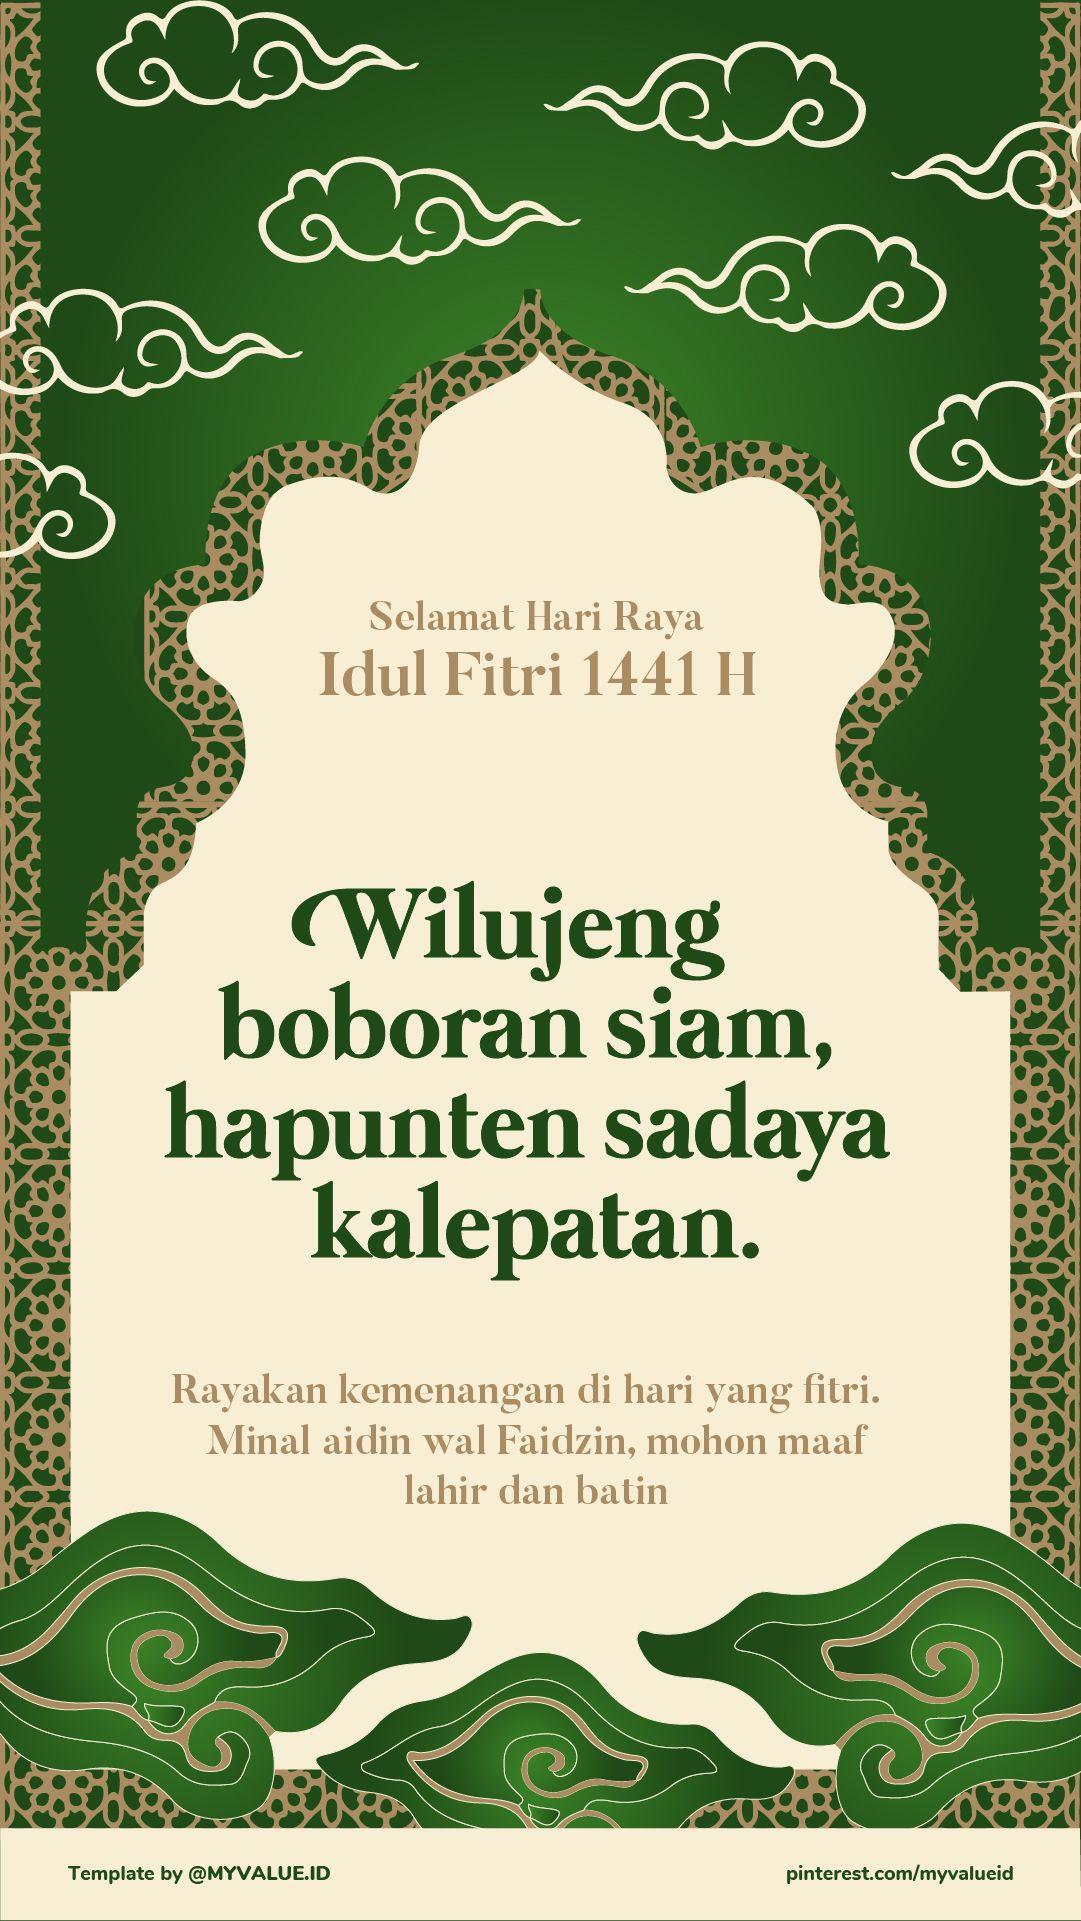 Ucapan Lebaran Bahasa Sunda : ucapan, lebaran, bahasa, sunda, TEMPLATE], Ucapan, Selamat, Fitri, Bahasa, Sunda, Templates,, Instagram,, Instagram, Photo